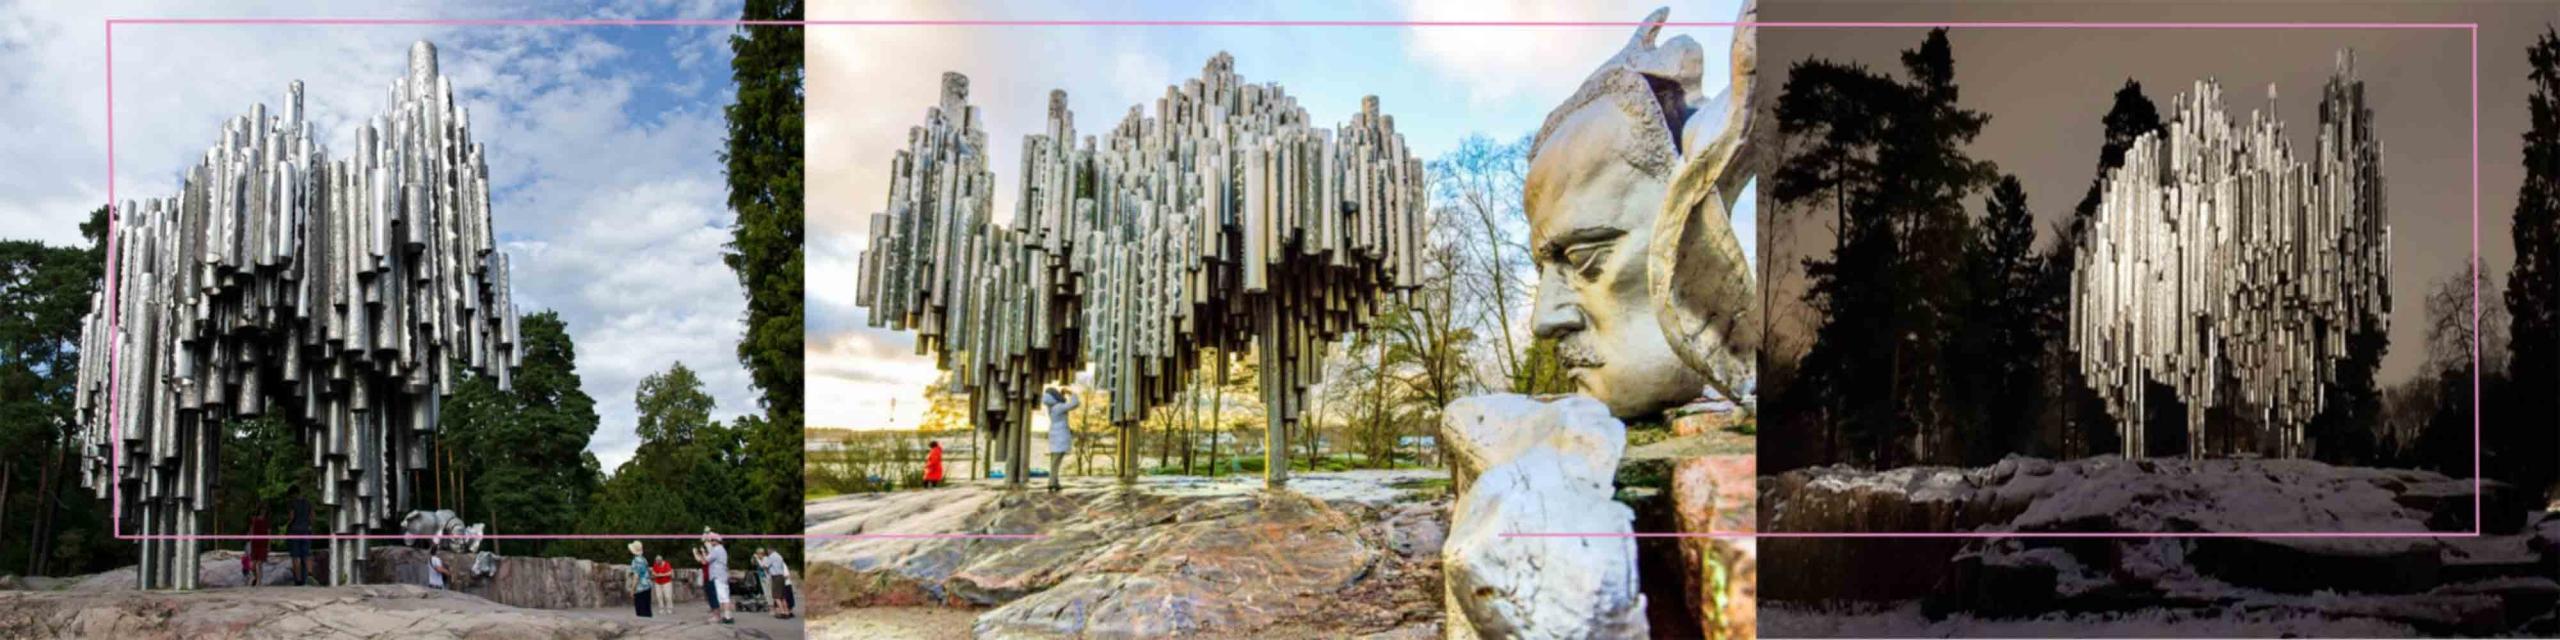 مجسمه-سیبلس-در-فنلاند